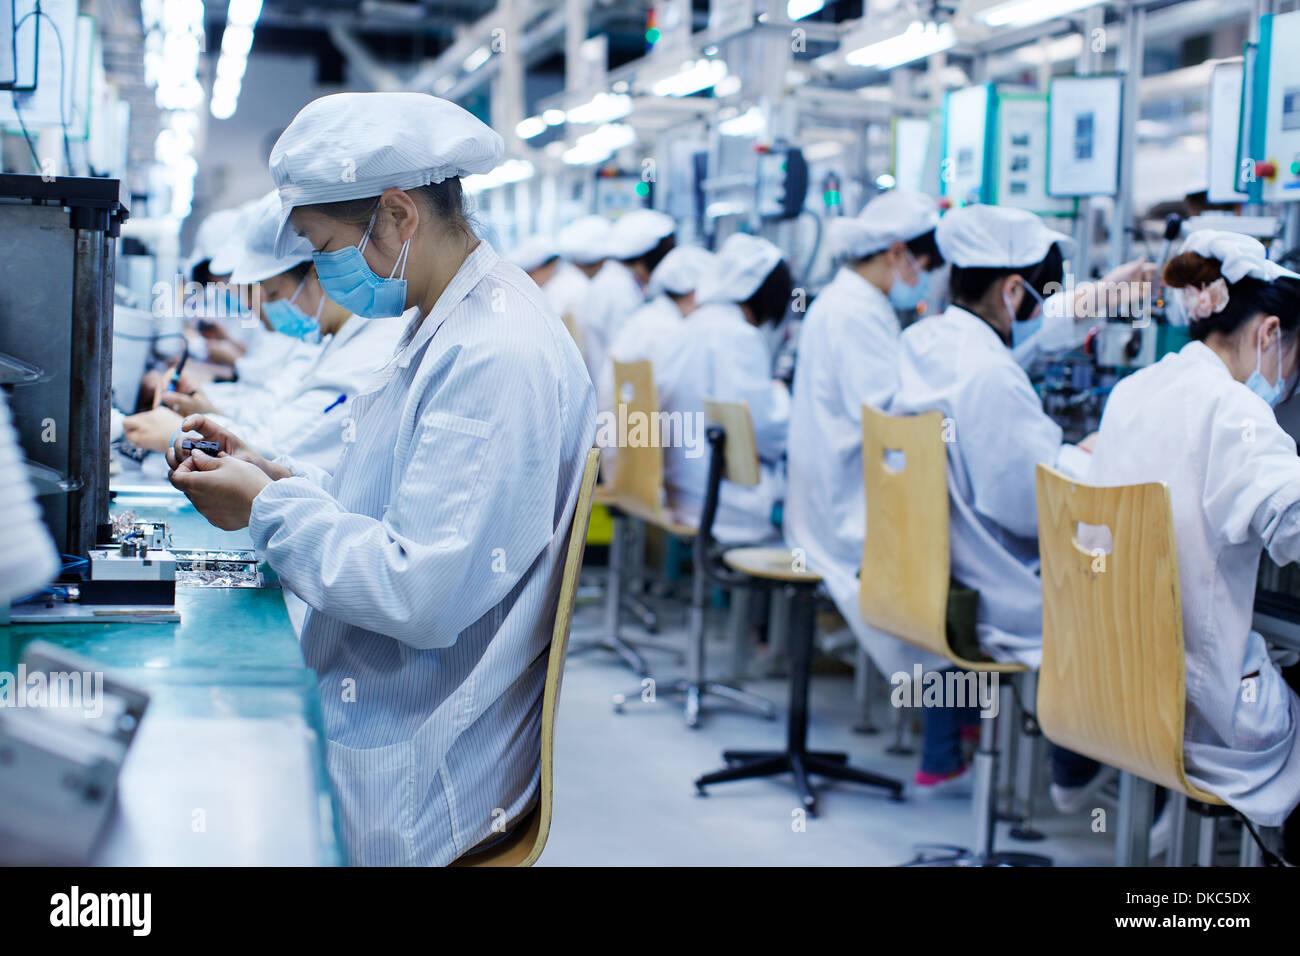 Groupe de travailleurs à l'usine de fabrication de petites pièces en Chine, portant des vêtements, des chapeaux et des masques Photo Stock